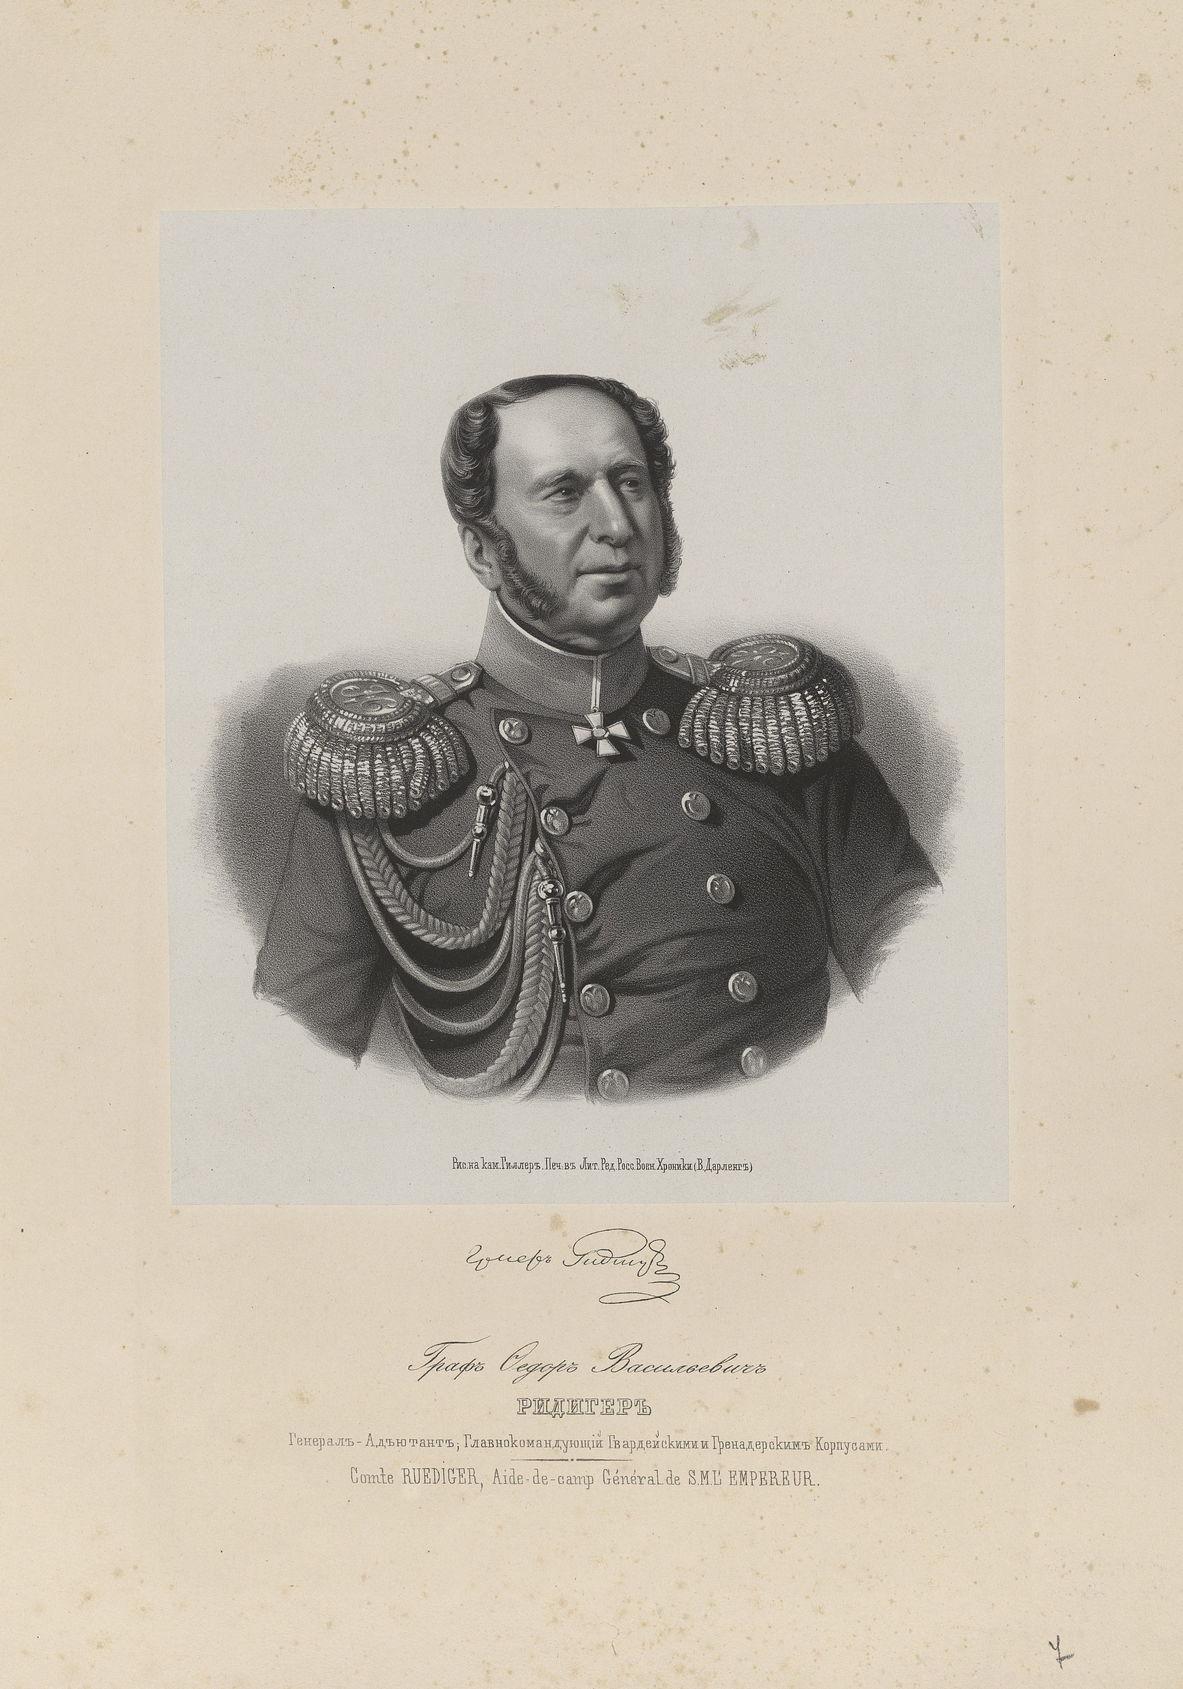 Литография Карла Гиллера, 1859